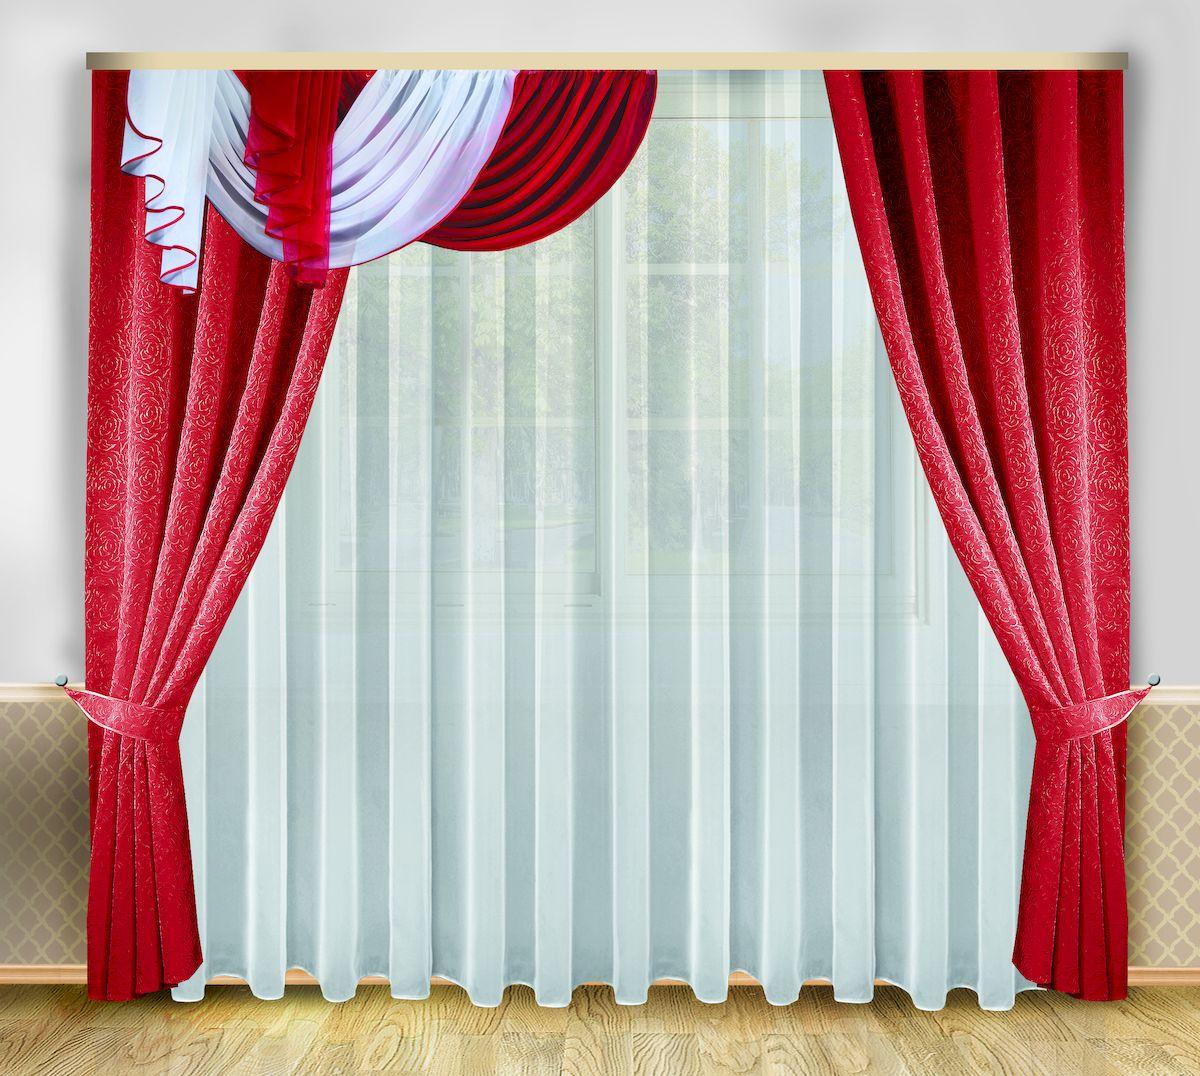 Комплект штор Zlata Korunka, на ленте, цвет: бордовый, белый, высота 250 см. 6662666626Роскошный комплект штор Zlata Korunka, выполненный из полиэстера, великолепно украсит любое окно. Комплект состоит из тюля, ламбрекена, двух штор и двух подхватов. Изящный узор и приятная цветовая гамма привлекут к себе внимание и органично впишутся в интерьер помещения. Этот комплект будет долгое время радовать вас и вашу семью! Комплект крепится на карниз при помощи ленты, которая поможет красиво и равномерно задрапировать верх. В комплект входит: Тюль: 1 шт. Размер (Ш х В): 400 см х 250 см. Ламбрекен: 1 шт. Размер (Ш х В): 200 см х 40 см. Штора: 2 шт. Размер (Ш х В): 138 см х 250 см. Подхват: 2 шт.